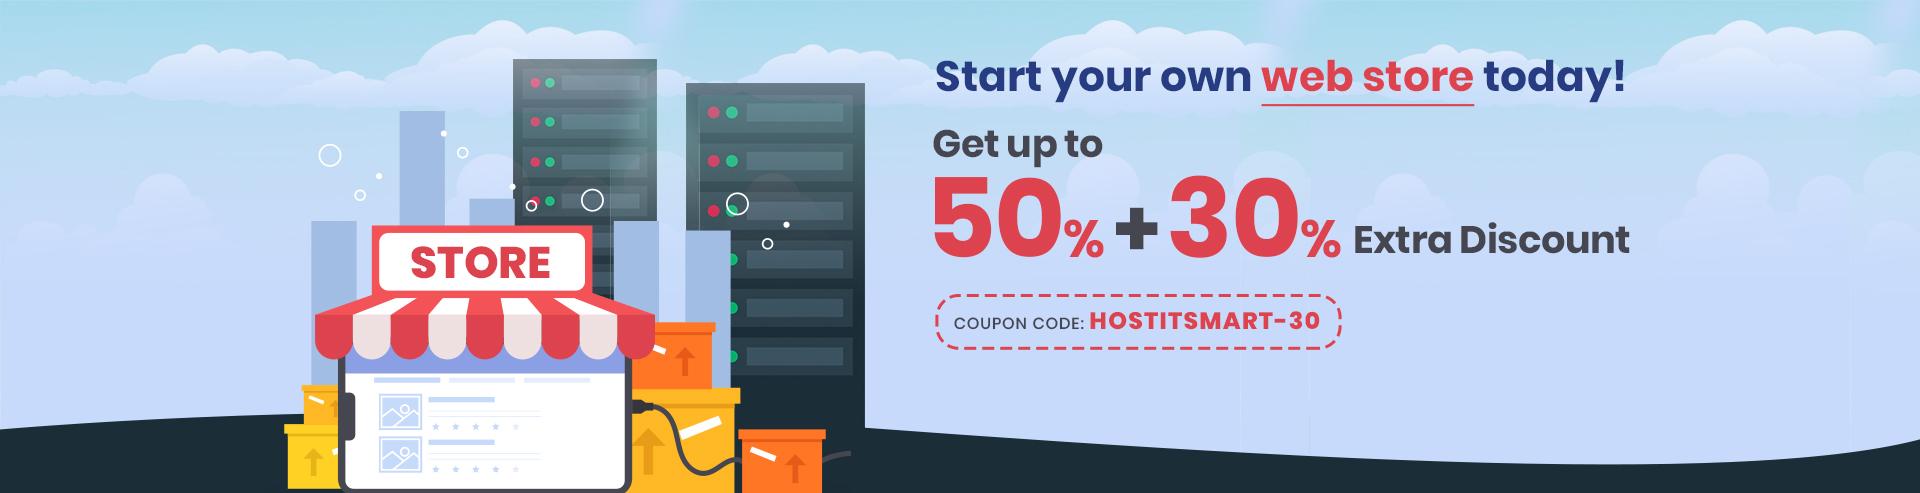 E-Commerce Web-Hosting offer